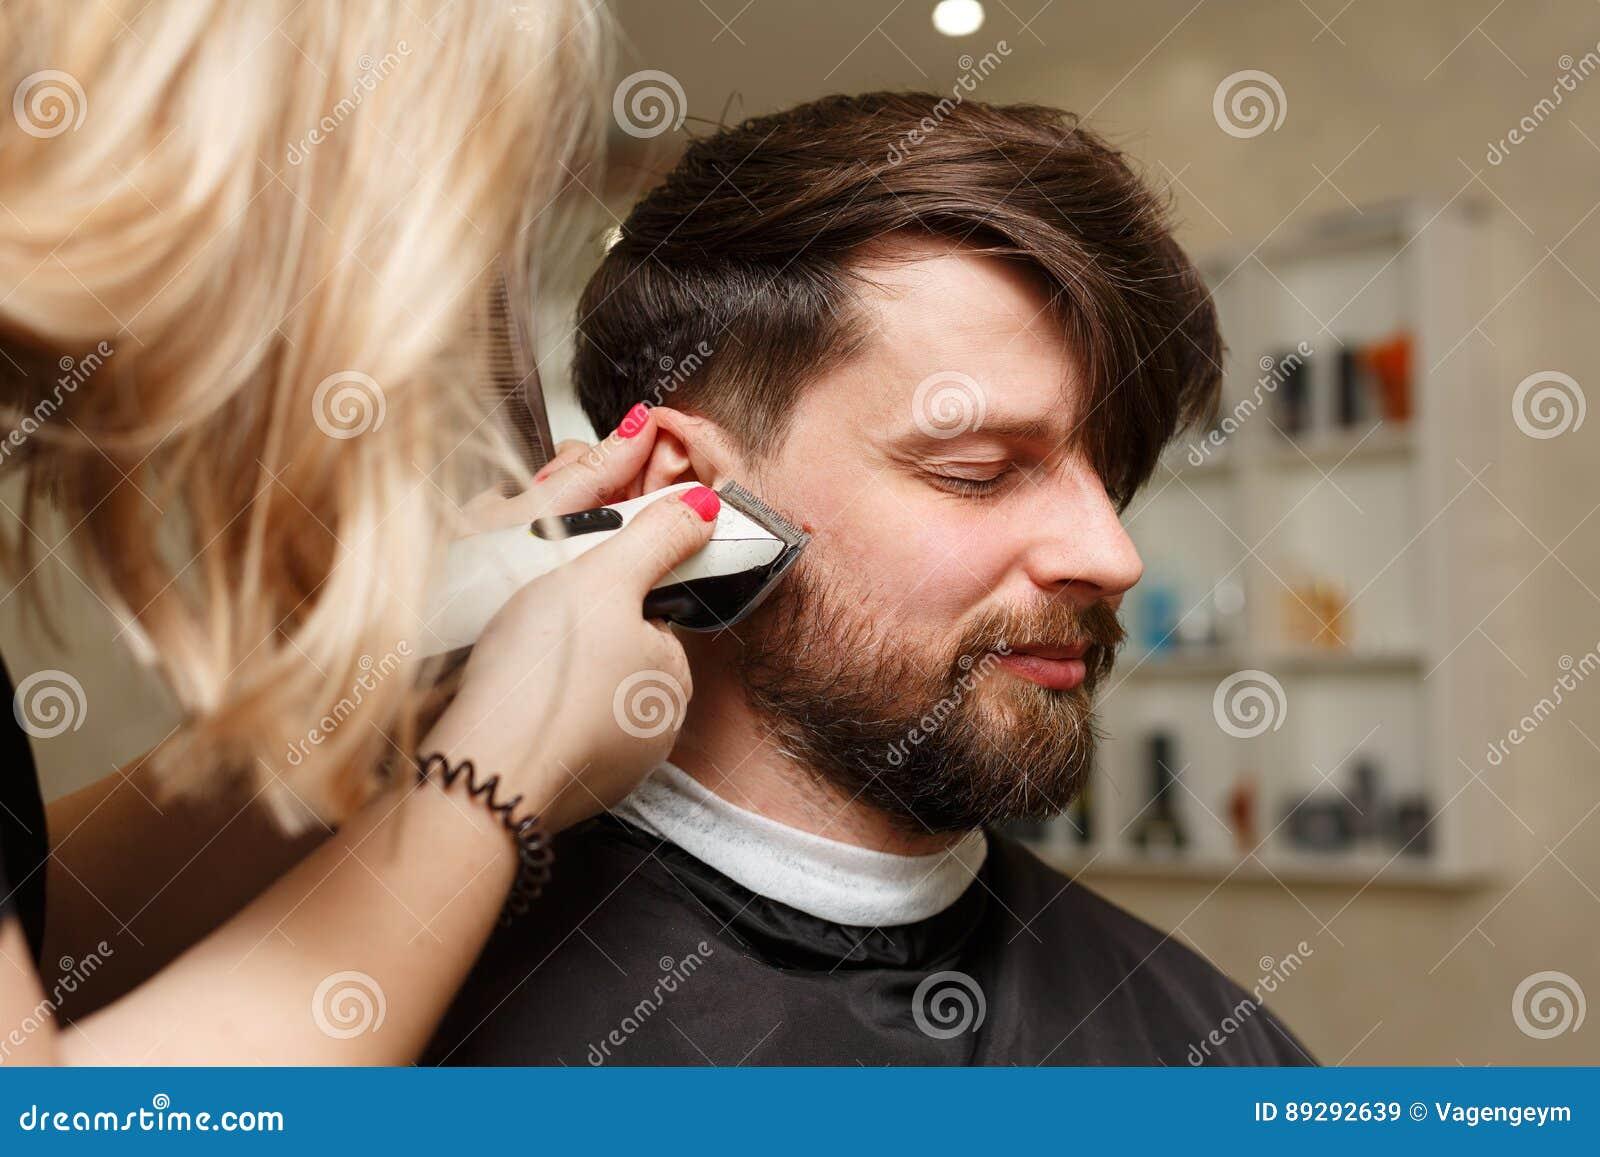 Men`s haircut